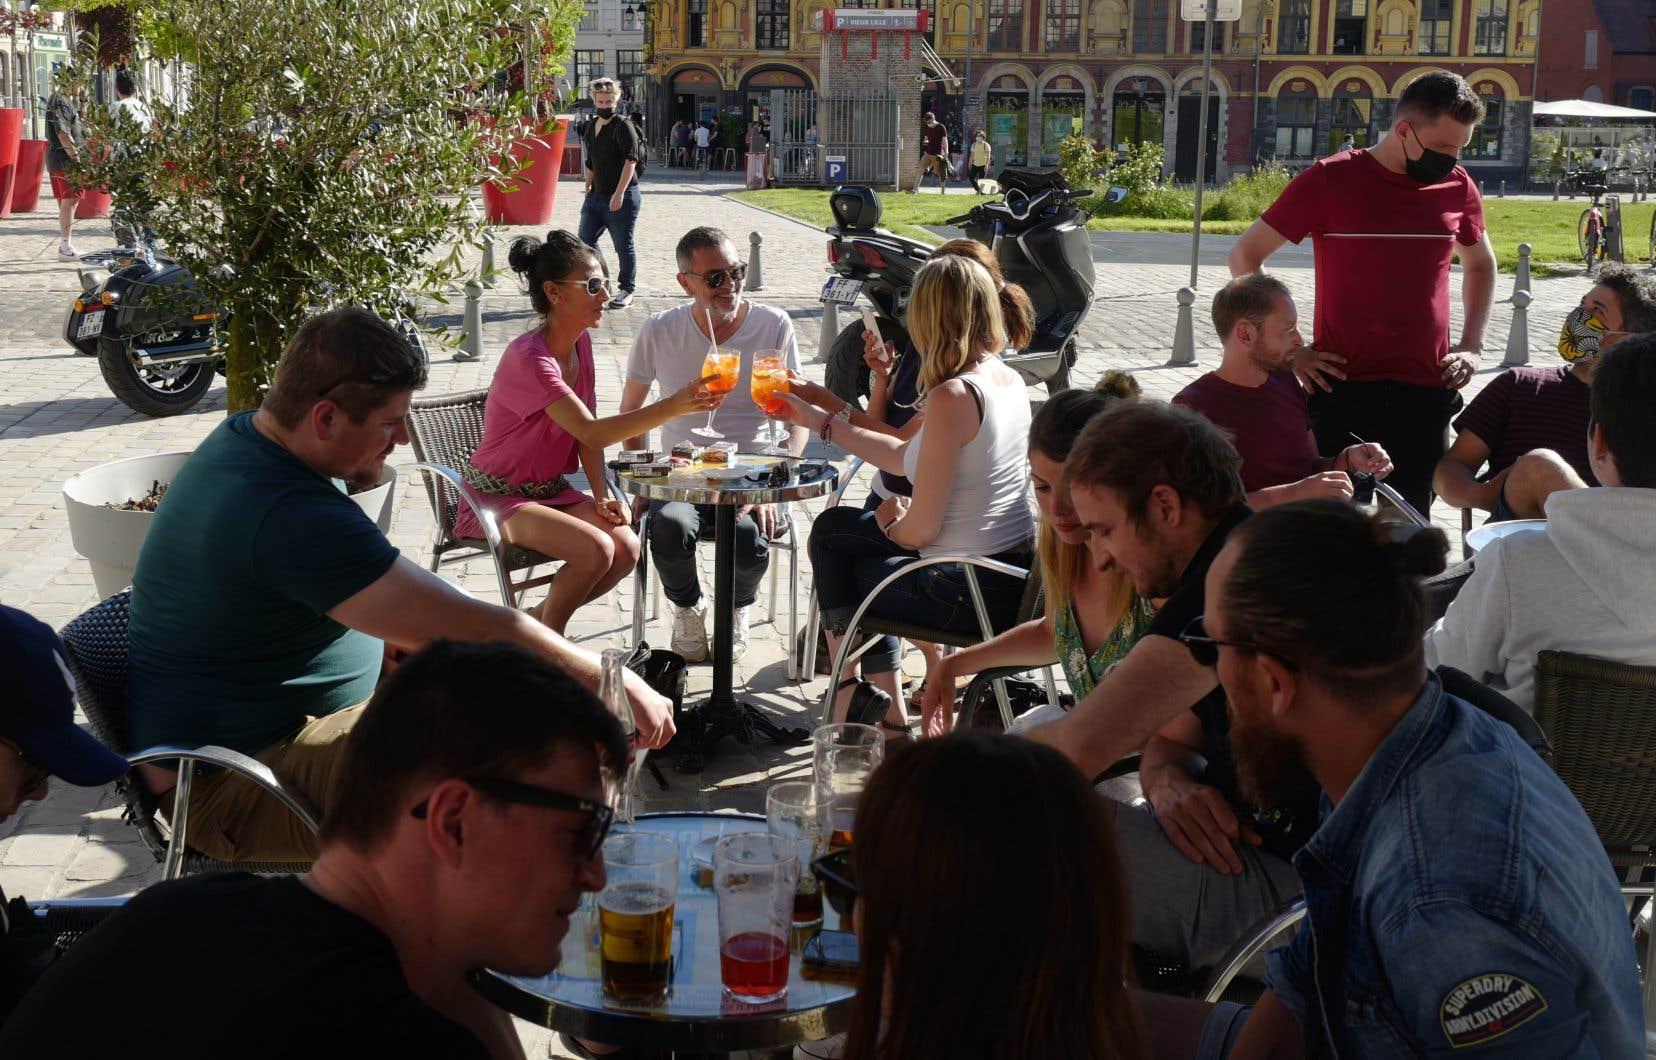 Dans ces conditions, reverra-t-on bientôt les touristes américains dans les cafés et les restaurants de Paris ou de Bruxelles?